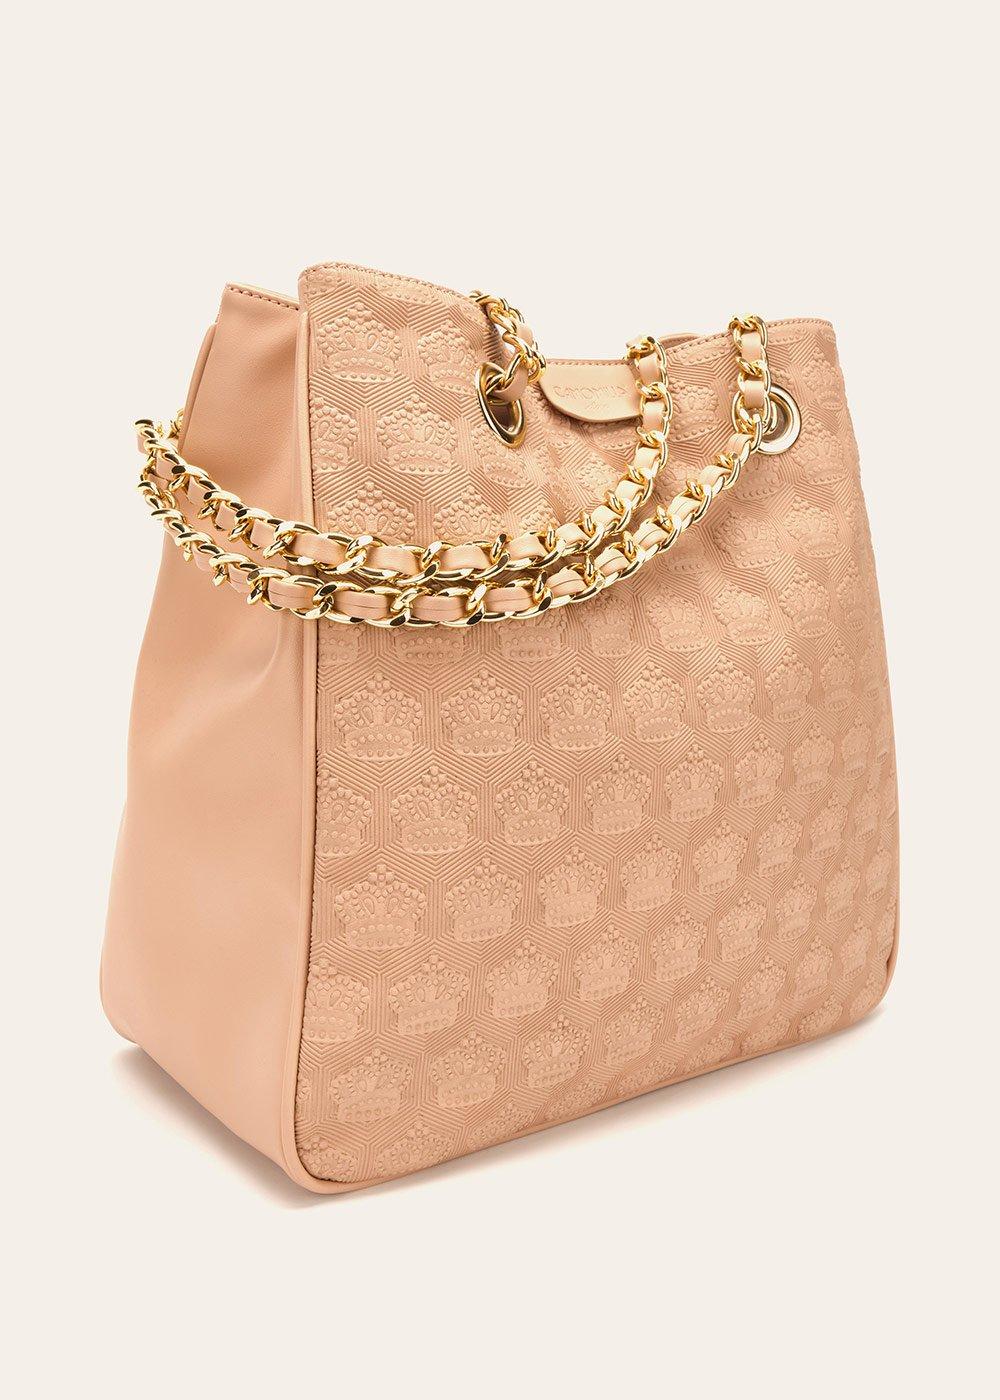 Shopping bag Bagsy con corone in rilievo - Rosa - Donna